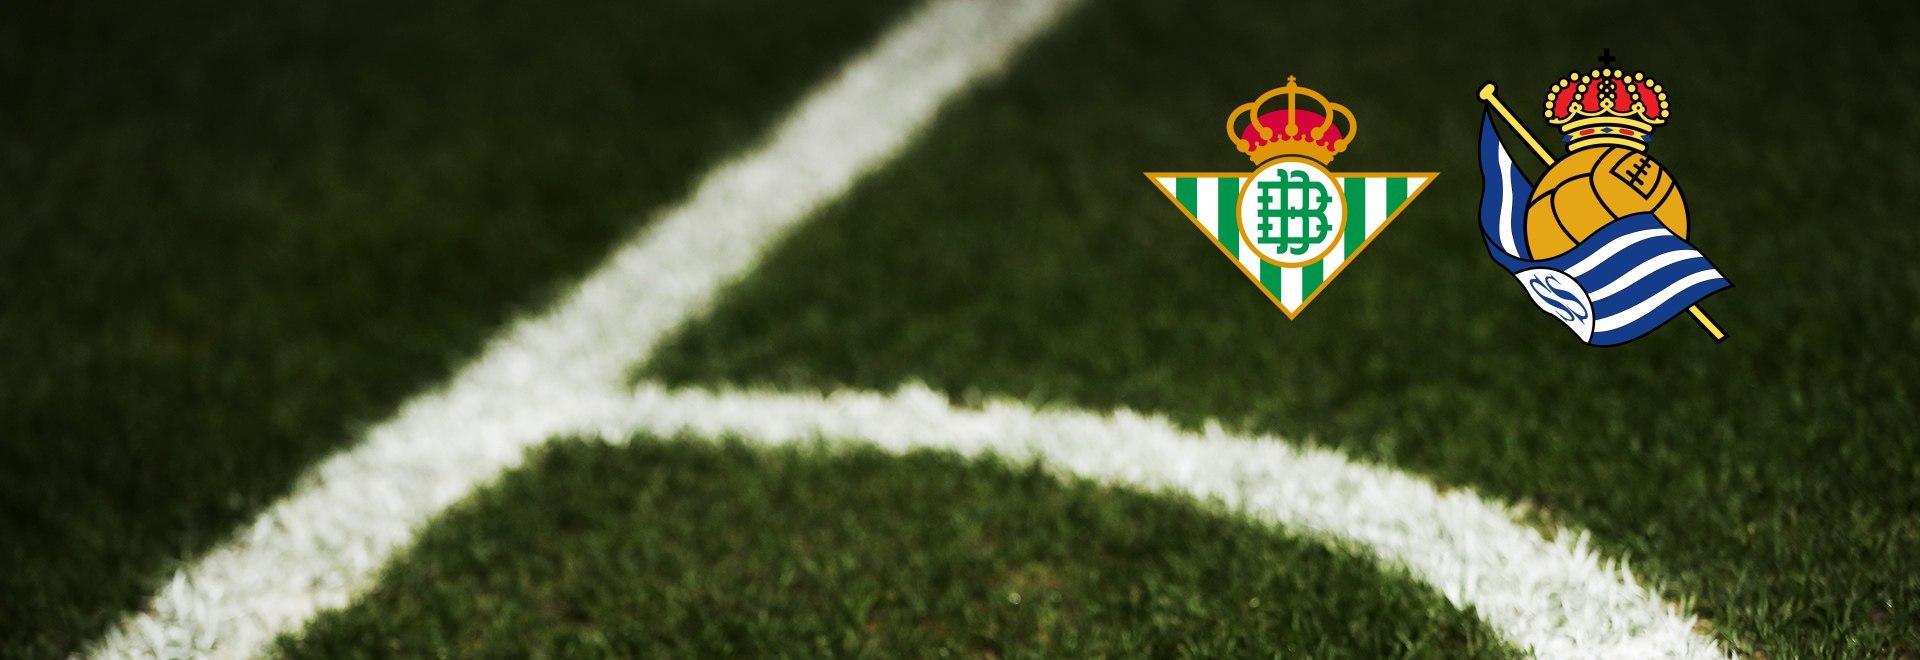 Betis - Real Sociedad. 6a g.